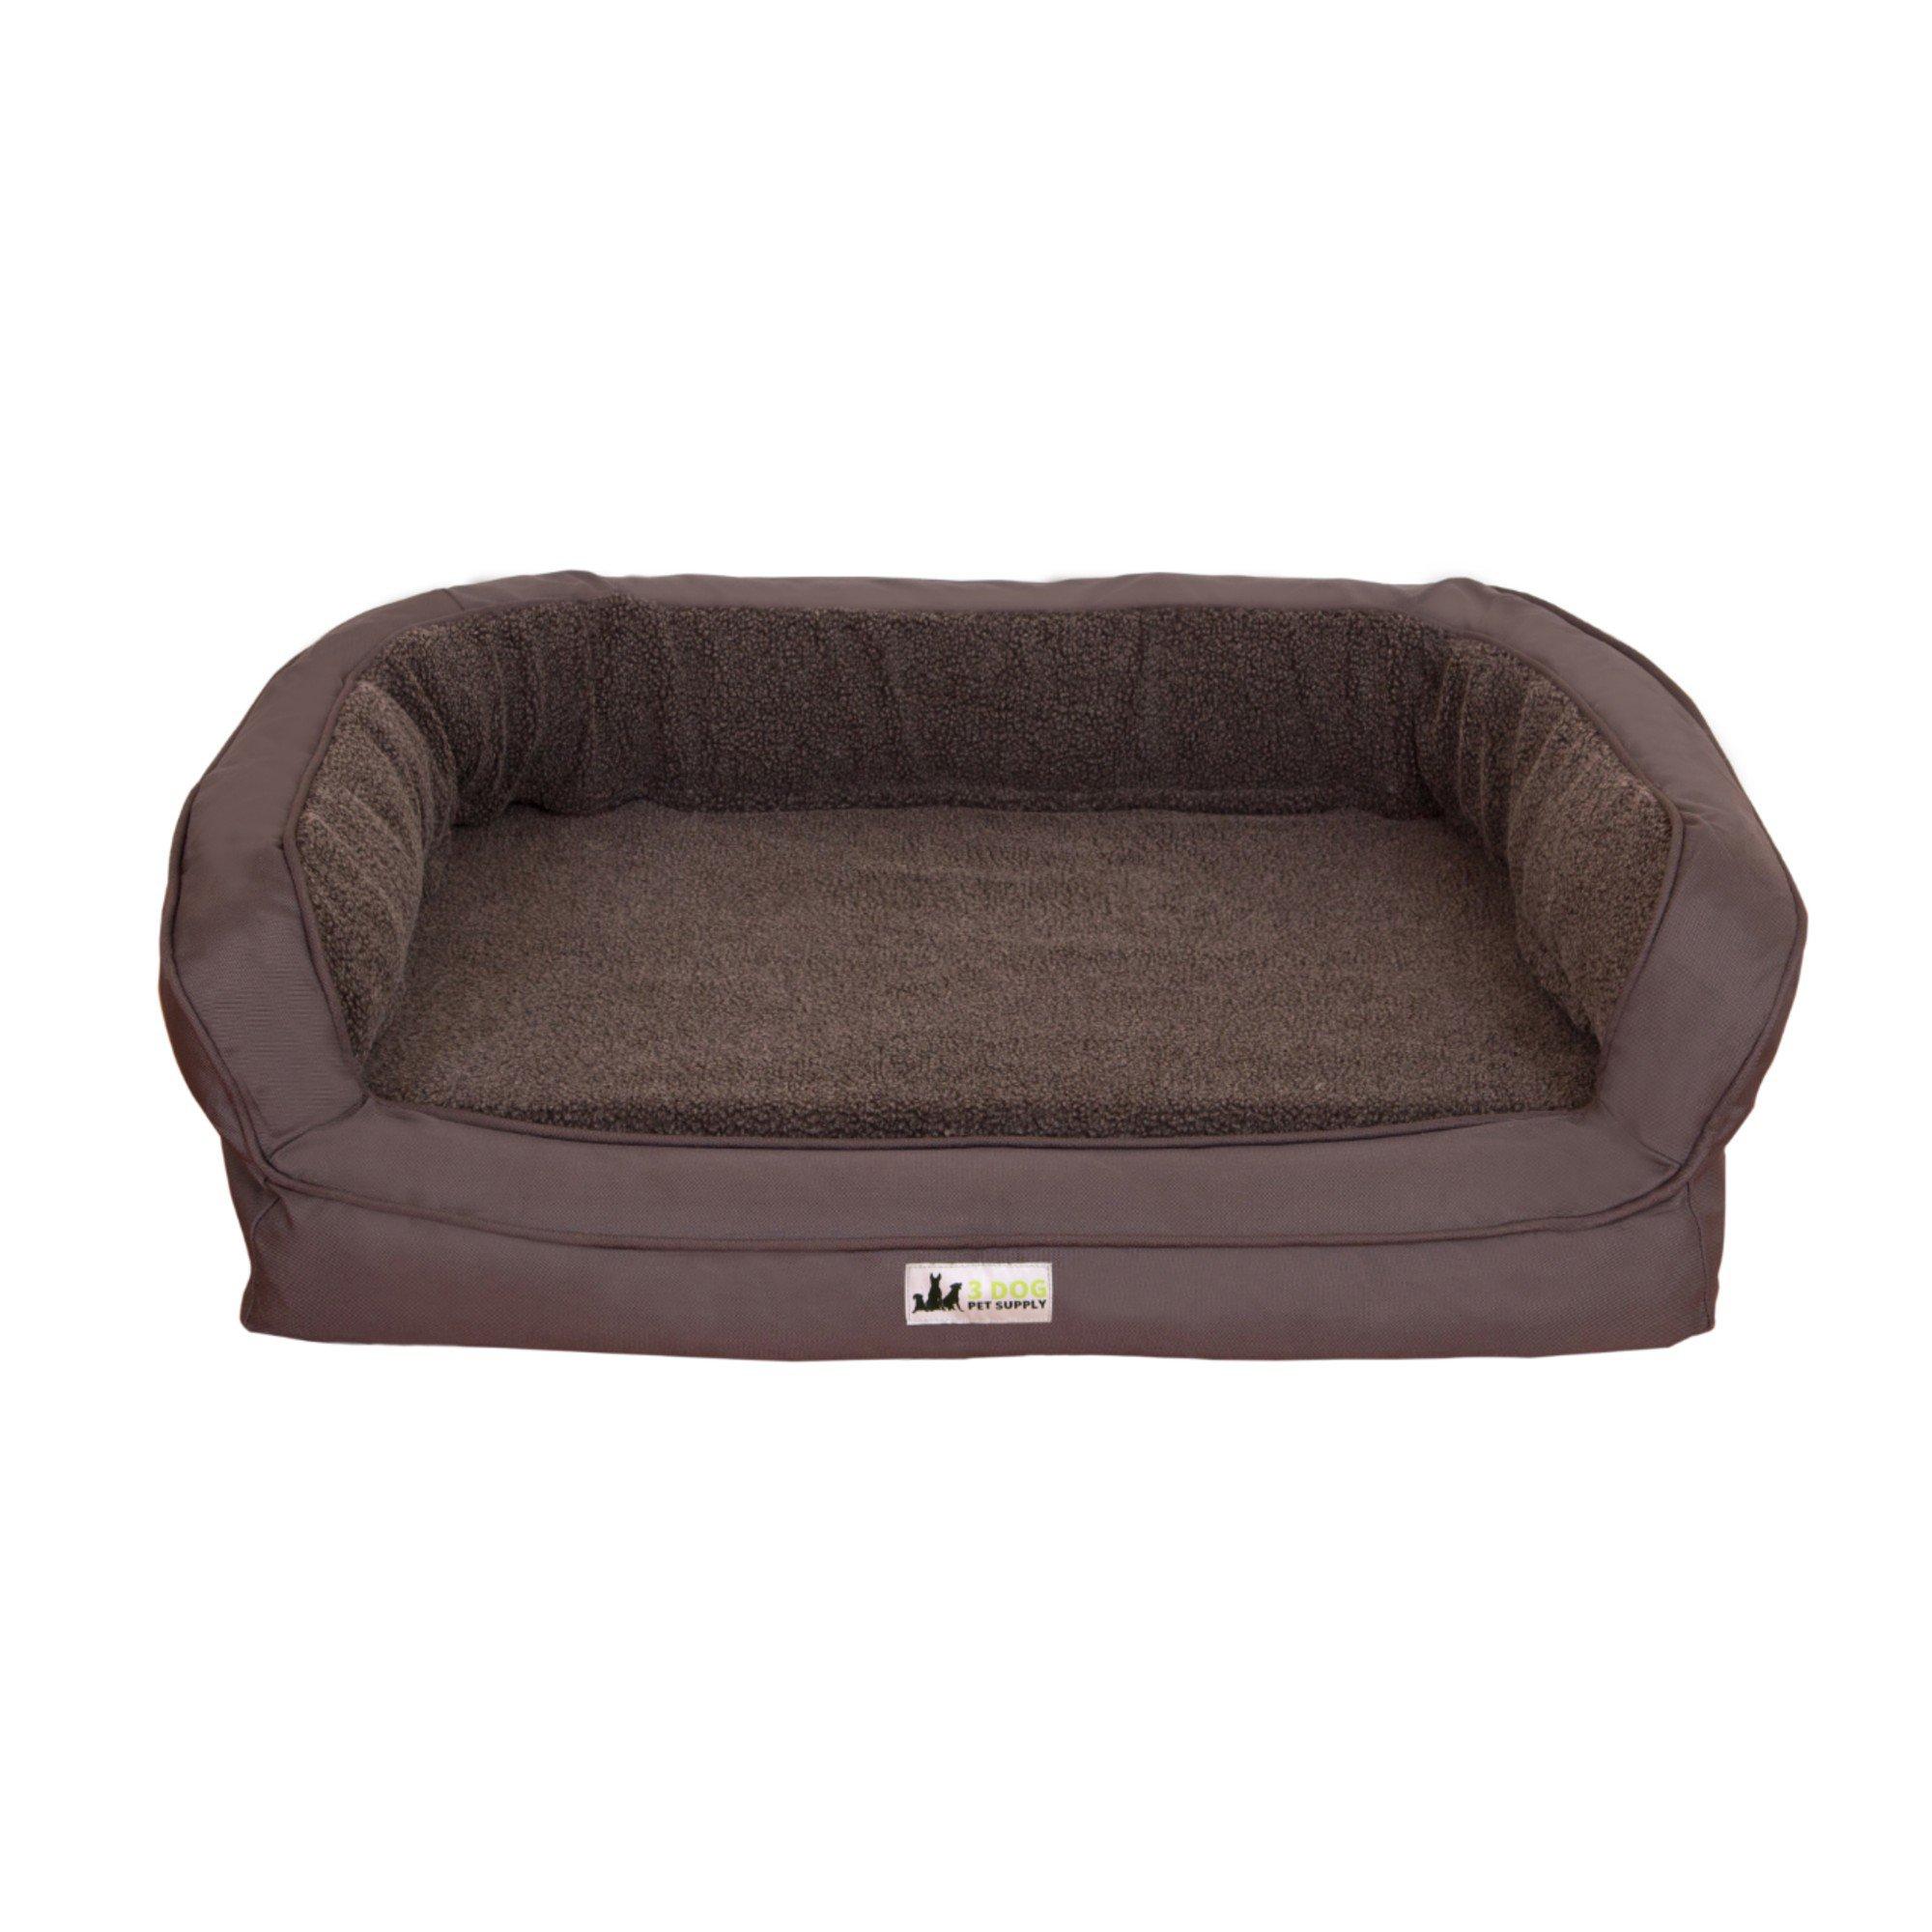 """3 Dog EZ Wash Fleece Bolster Grey Dog Bed, 32"""" L X 21"""" W X 9"""" H, Small"""